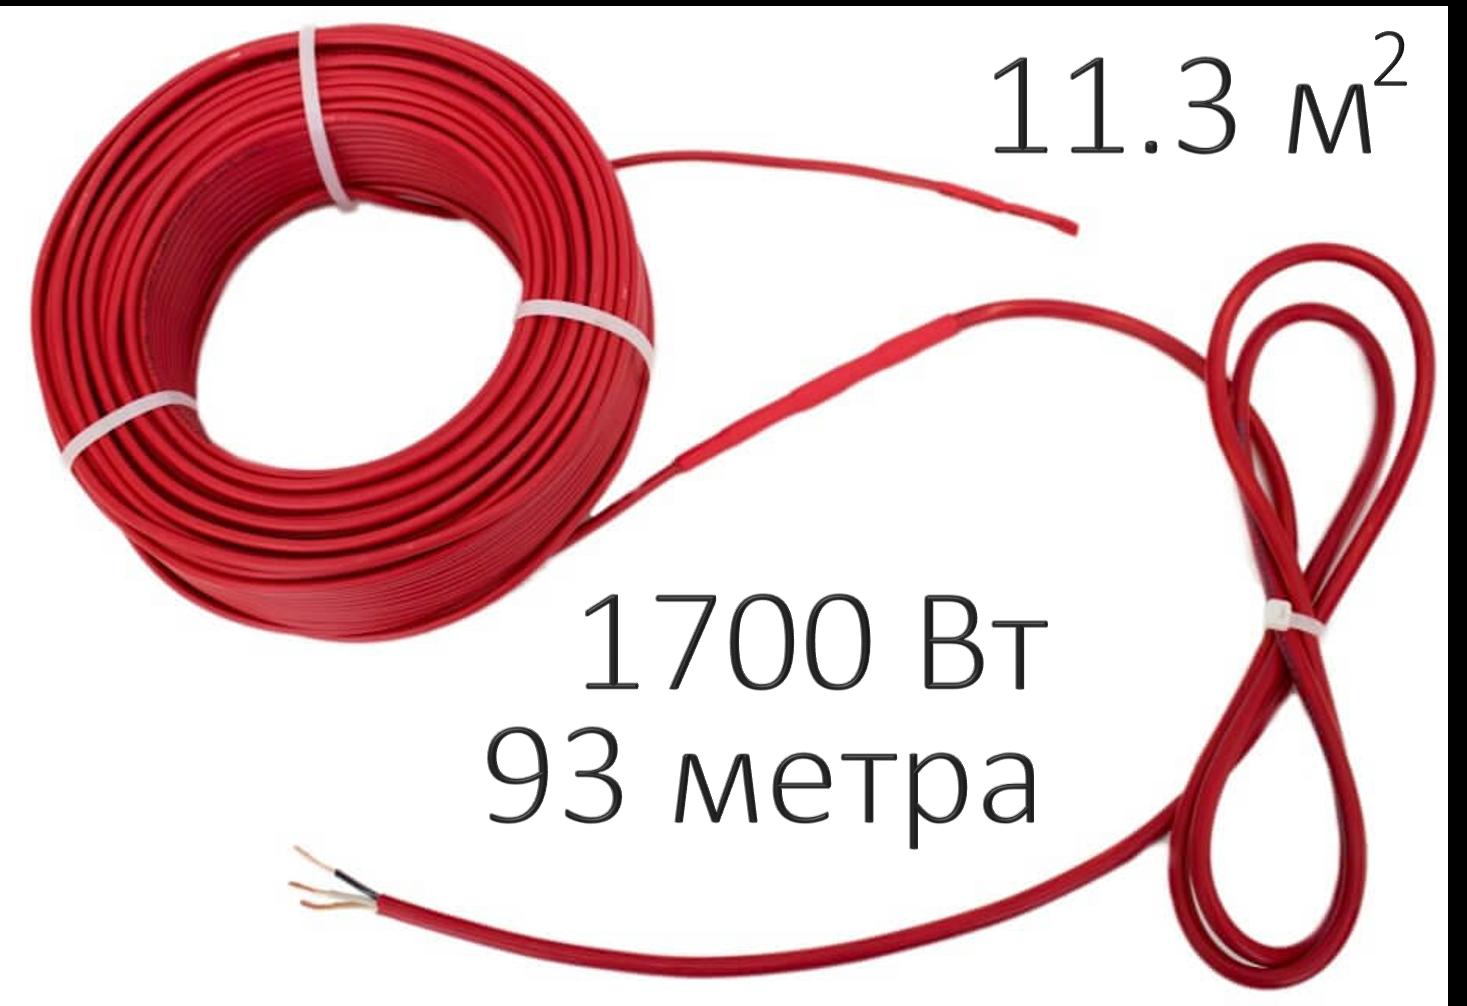 Кабельная нагревательная секция СТН КС-1700 (1,7 кВт, 93 пм)